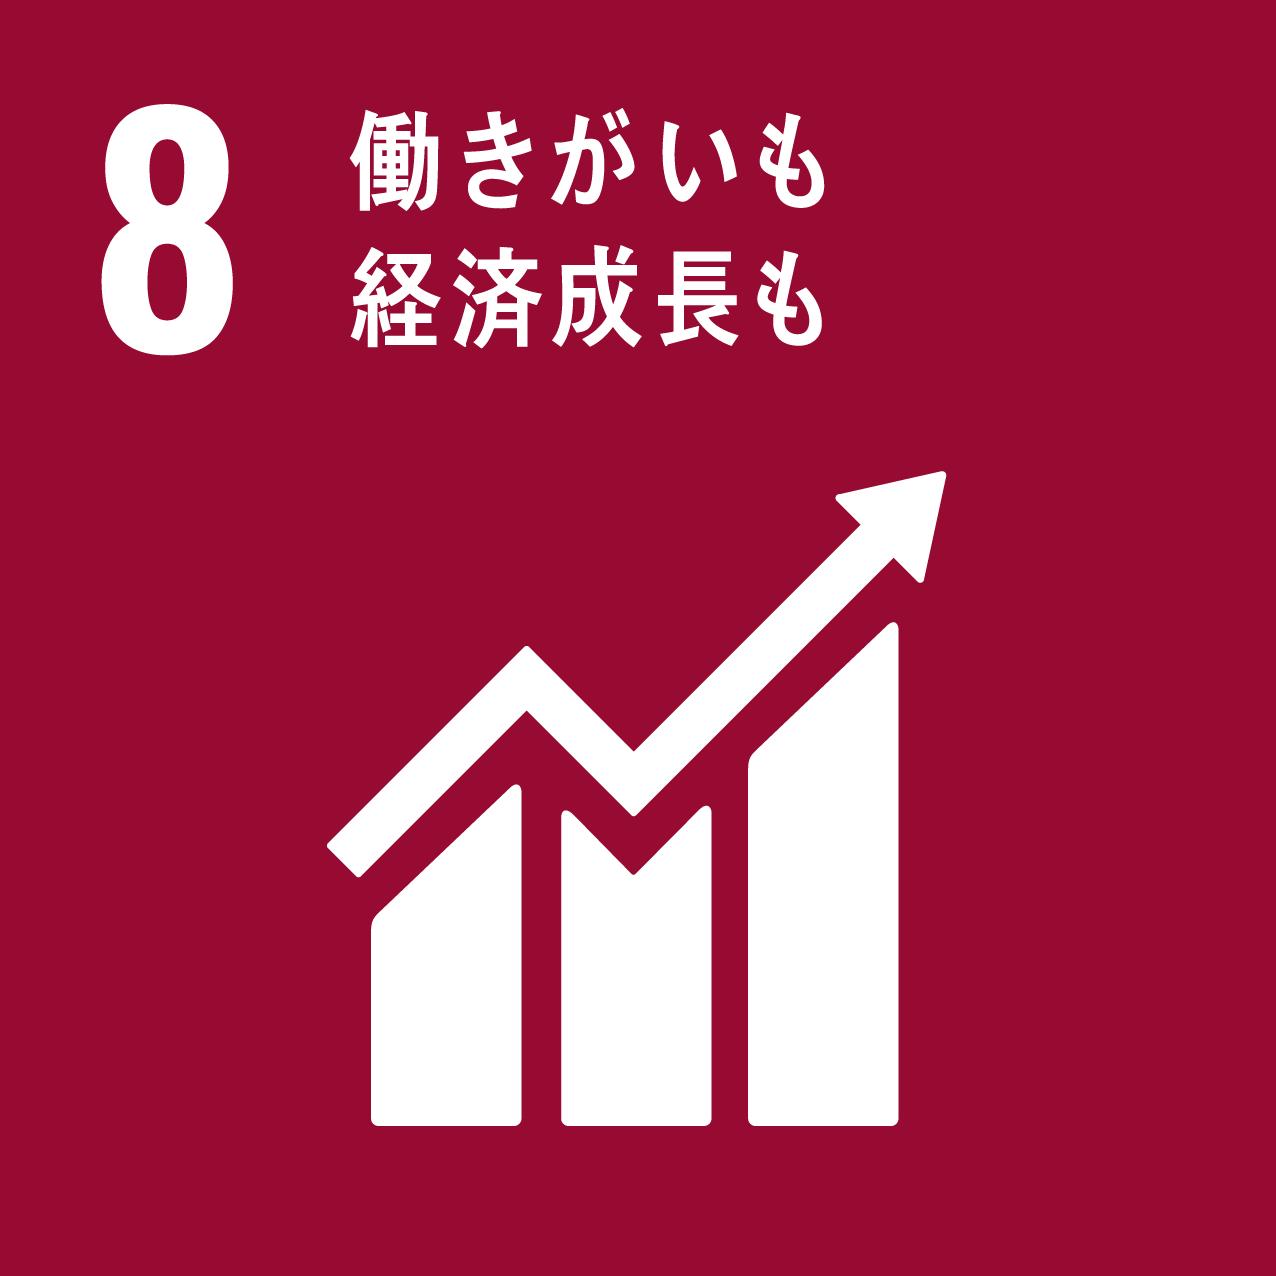 8: 働きがいも経済成長も